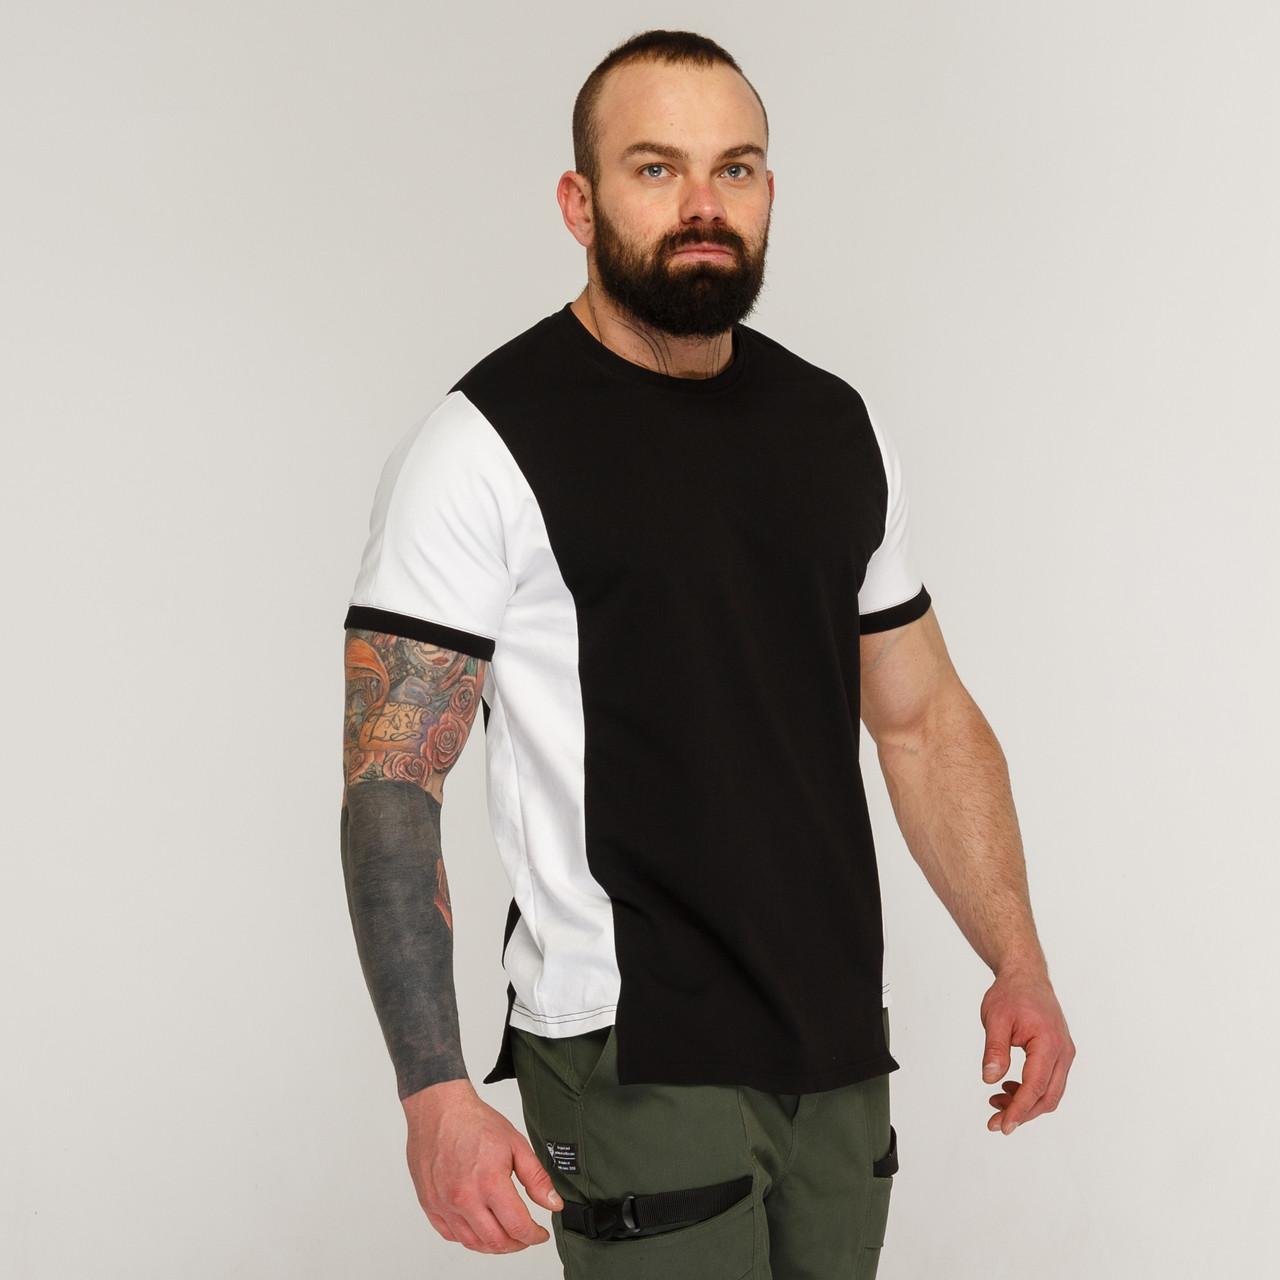 Футболка мужская черно-белая бренд ТУР модель Онага (Onaga)